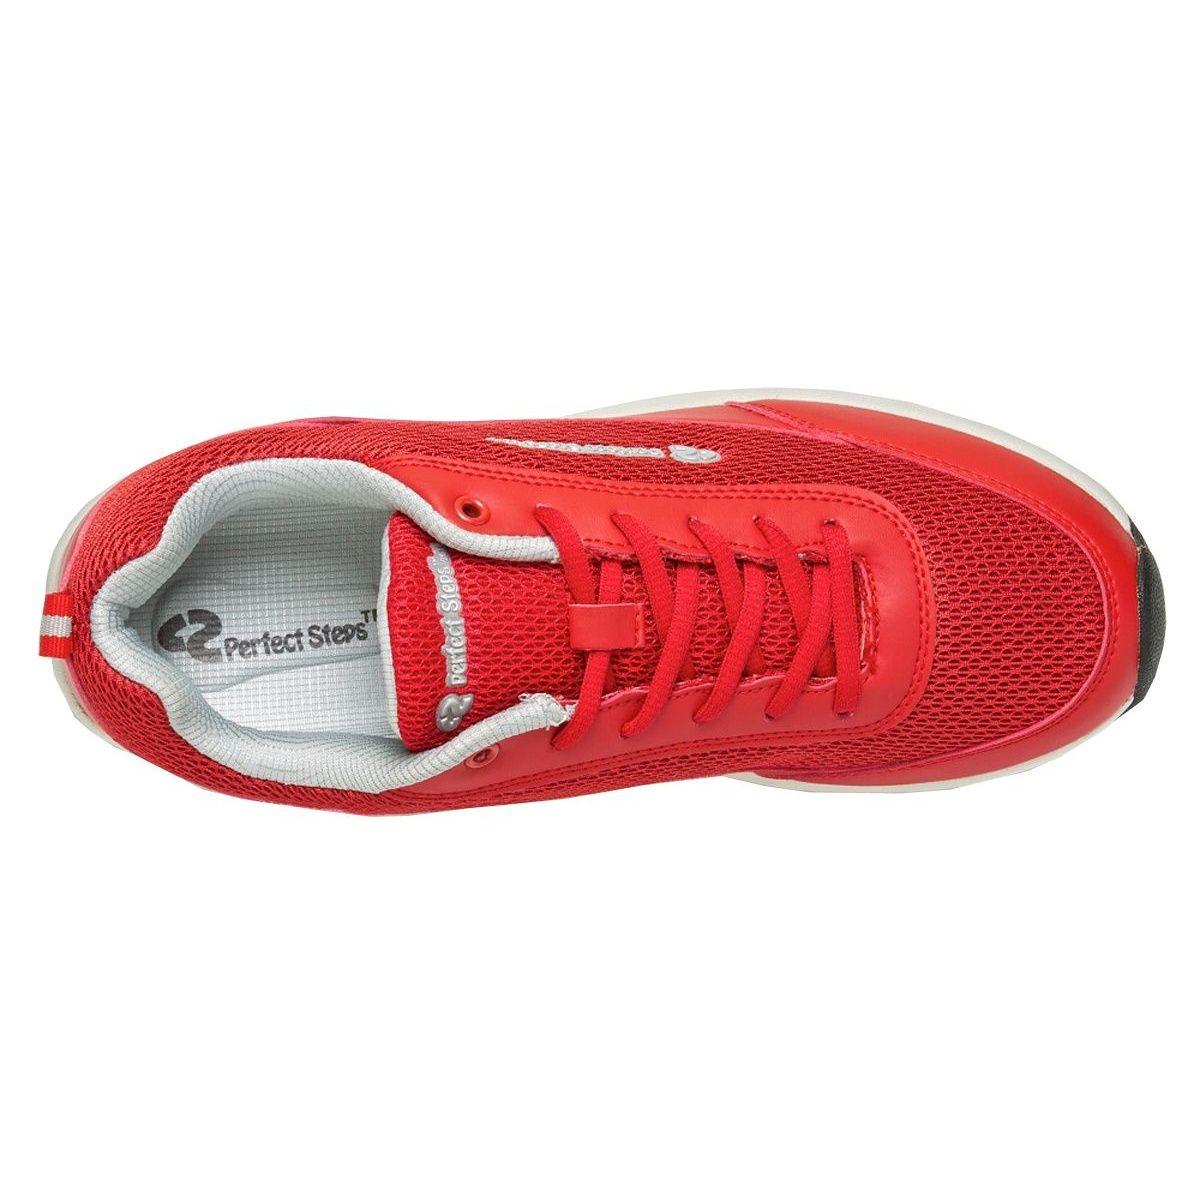 کفش مخصوص پیاده روی مردانه پرفکت استپس مدل آرمیس رنگ قرمز main 1 2